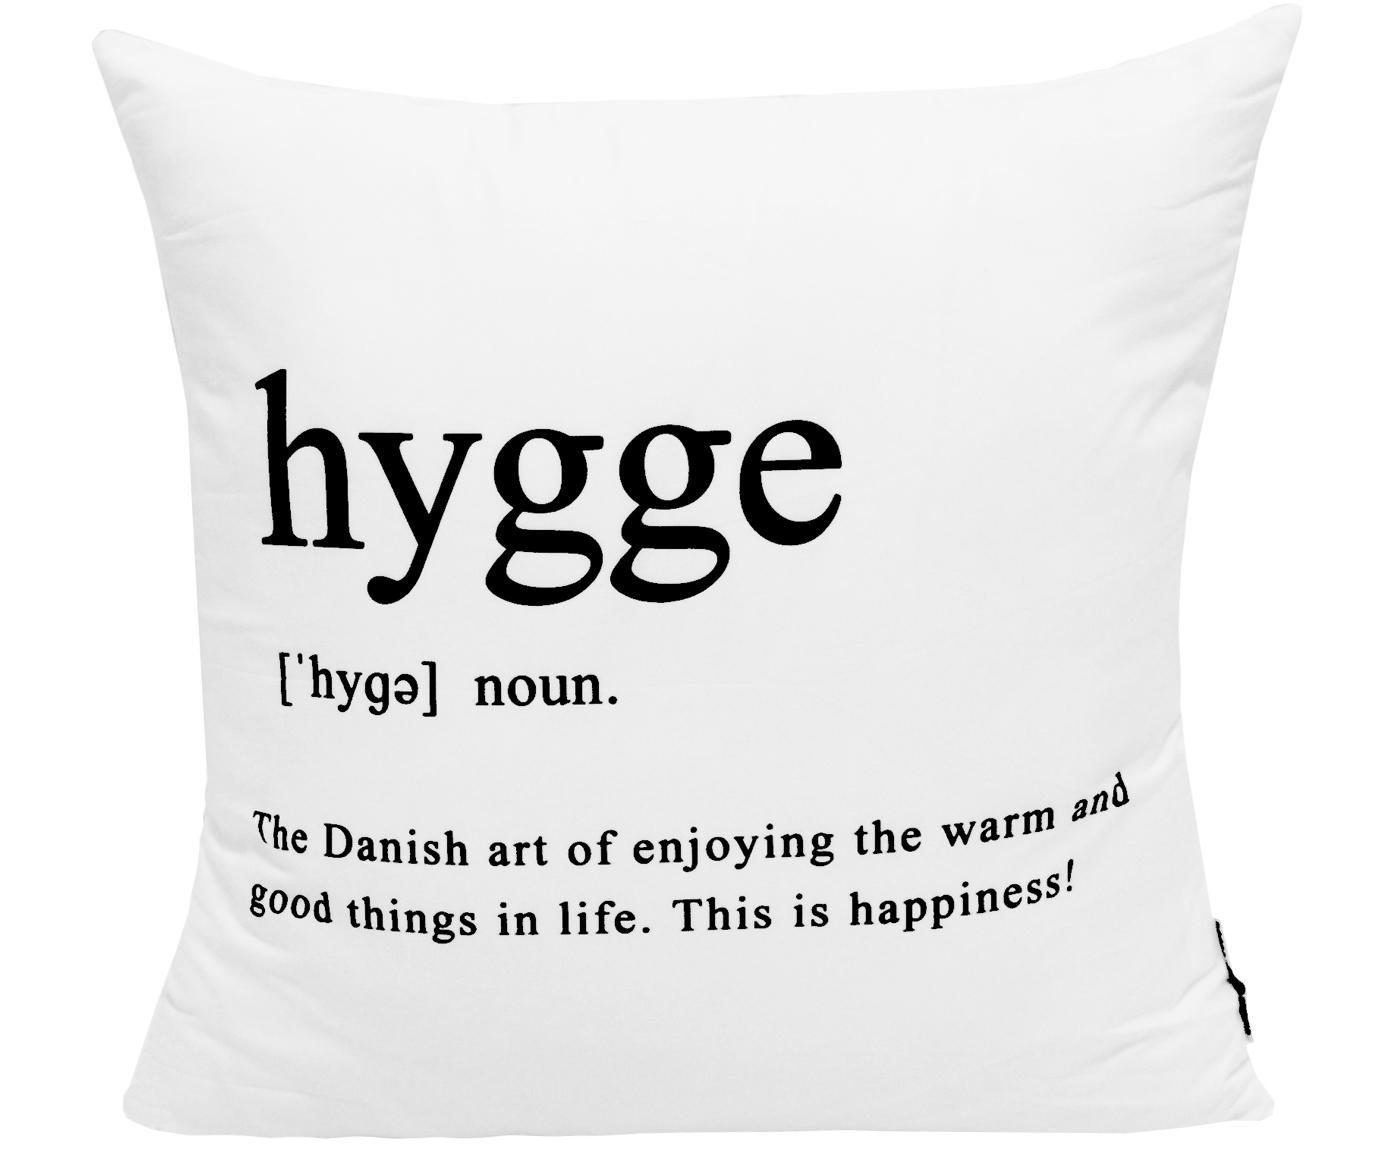 Kussenhoes Hygge in zwart/wit met opschrift, Polyester, Wit met zwarte vlekken, 45 x 45 cm